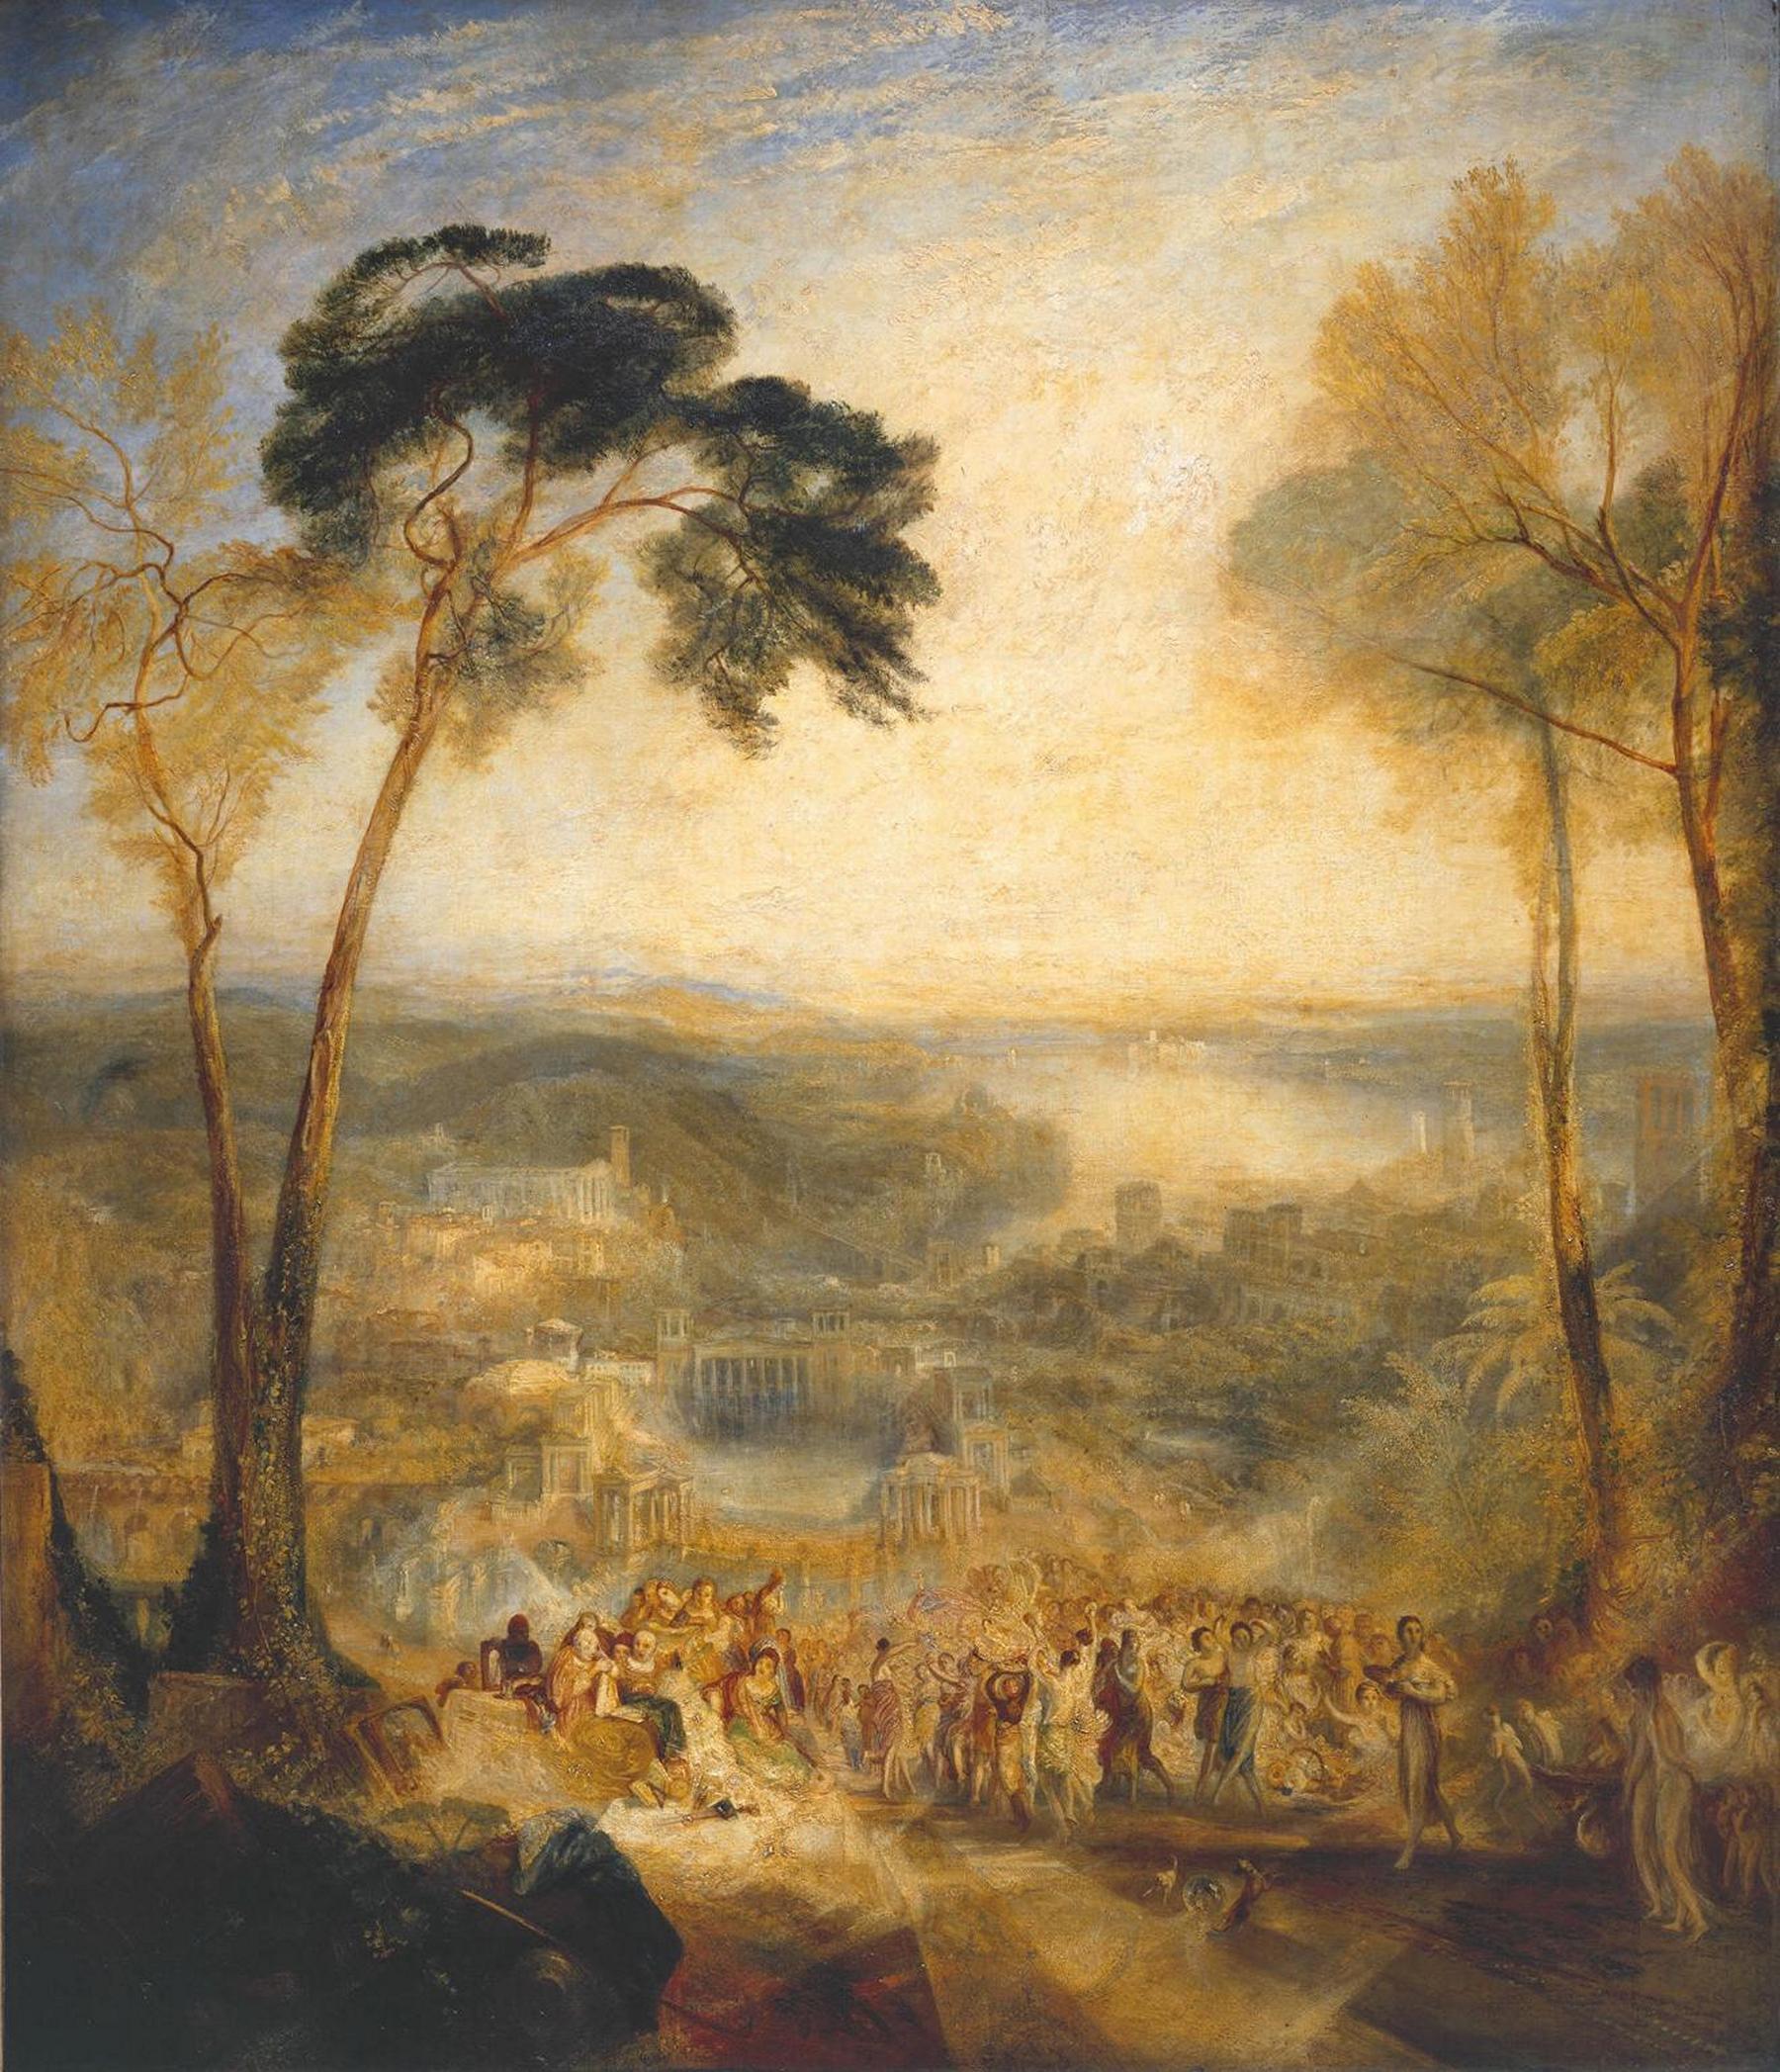 картина < Фрина в облике Венеры приходит в публичную баню; Эсхин издевается над Демосфеном >:: Уильям Тёрнер ( William Turner ) - Тёрнер Уйльям фото